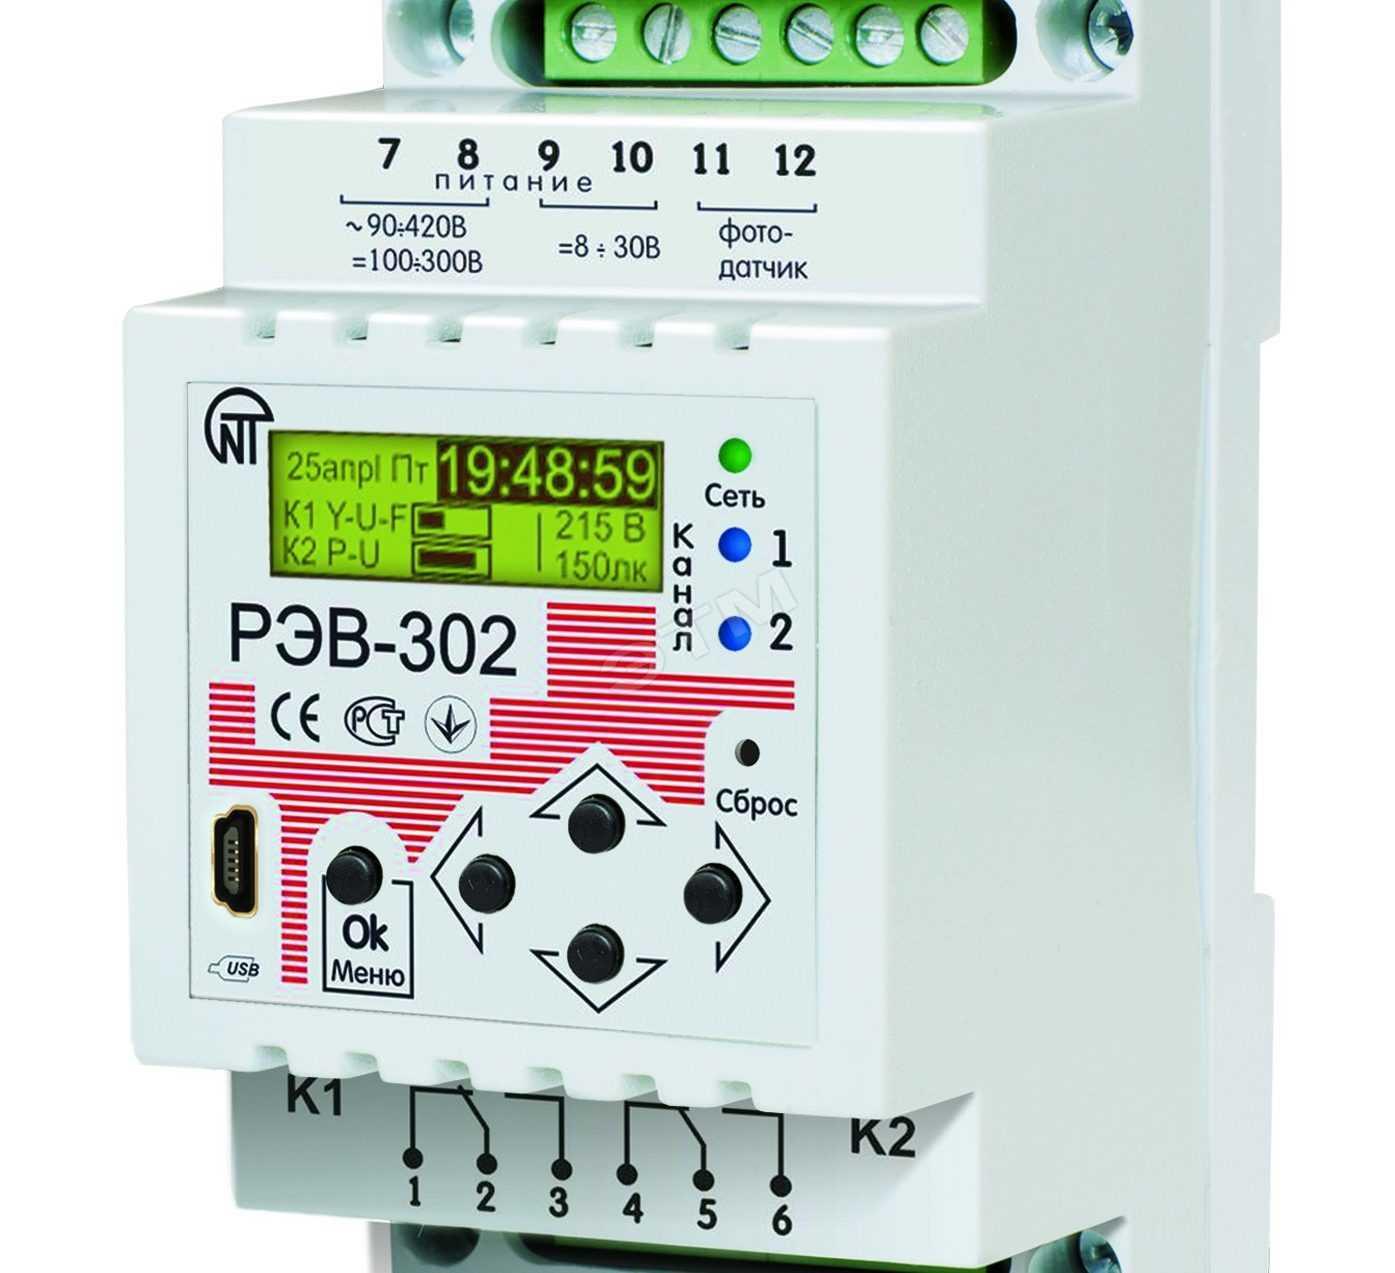 Таймер управления освещением РЭВ-302 с функцией фотореле